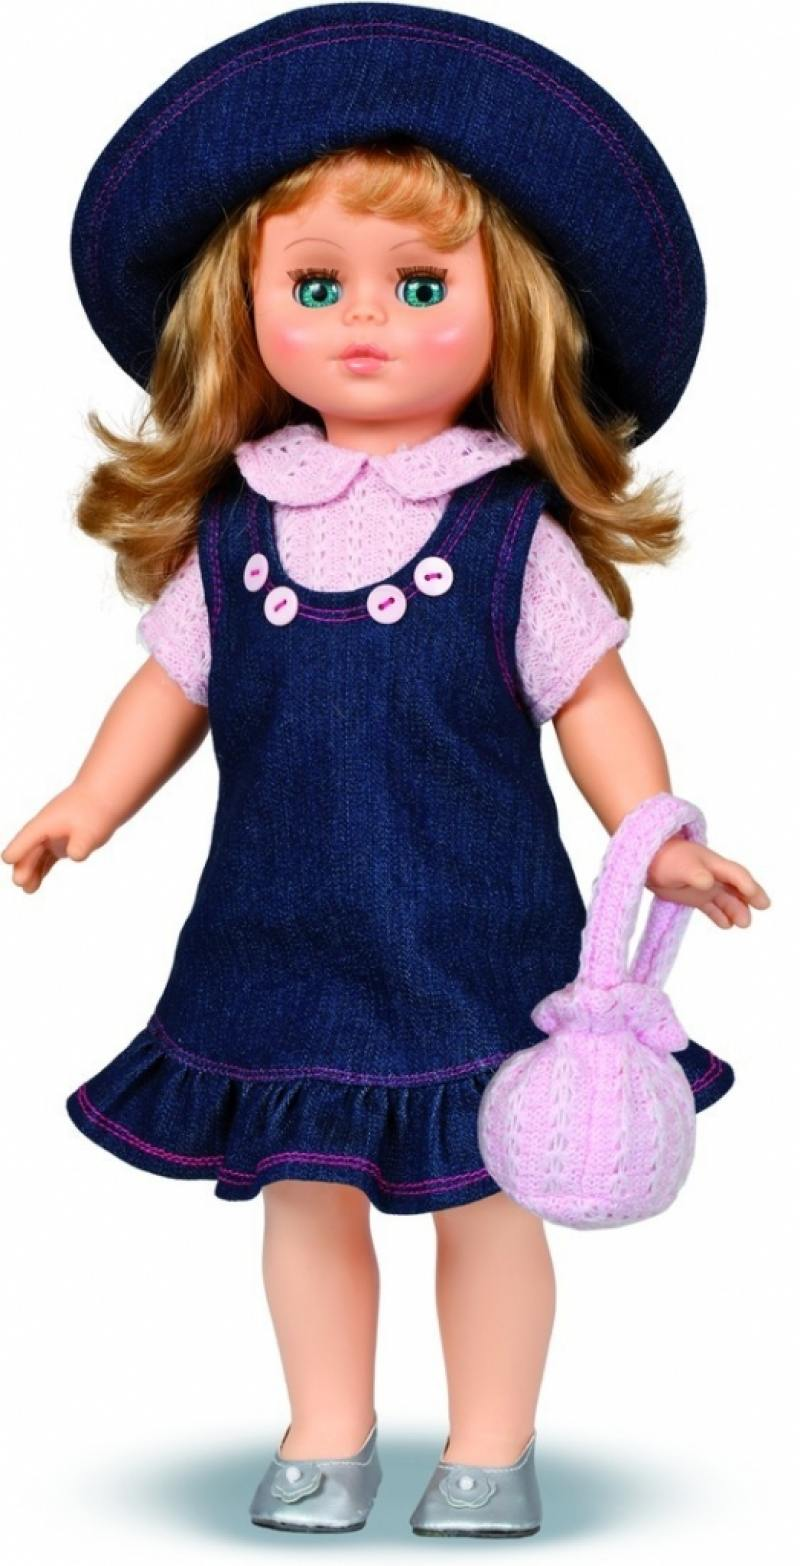 Кукла ВЕСНА Оля 14 (озвученная) В2141/о весна кукла озвученная герда 15